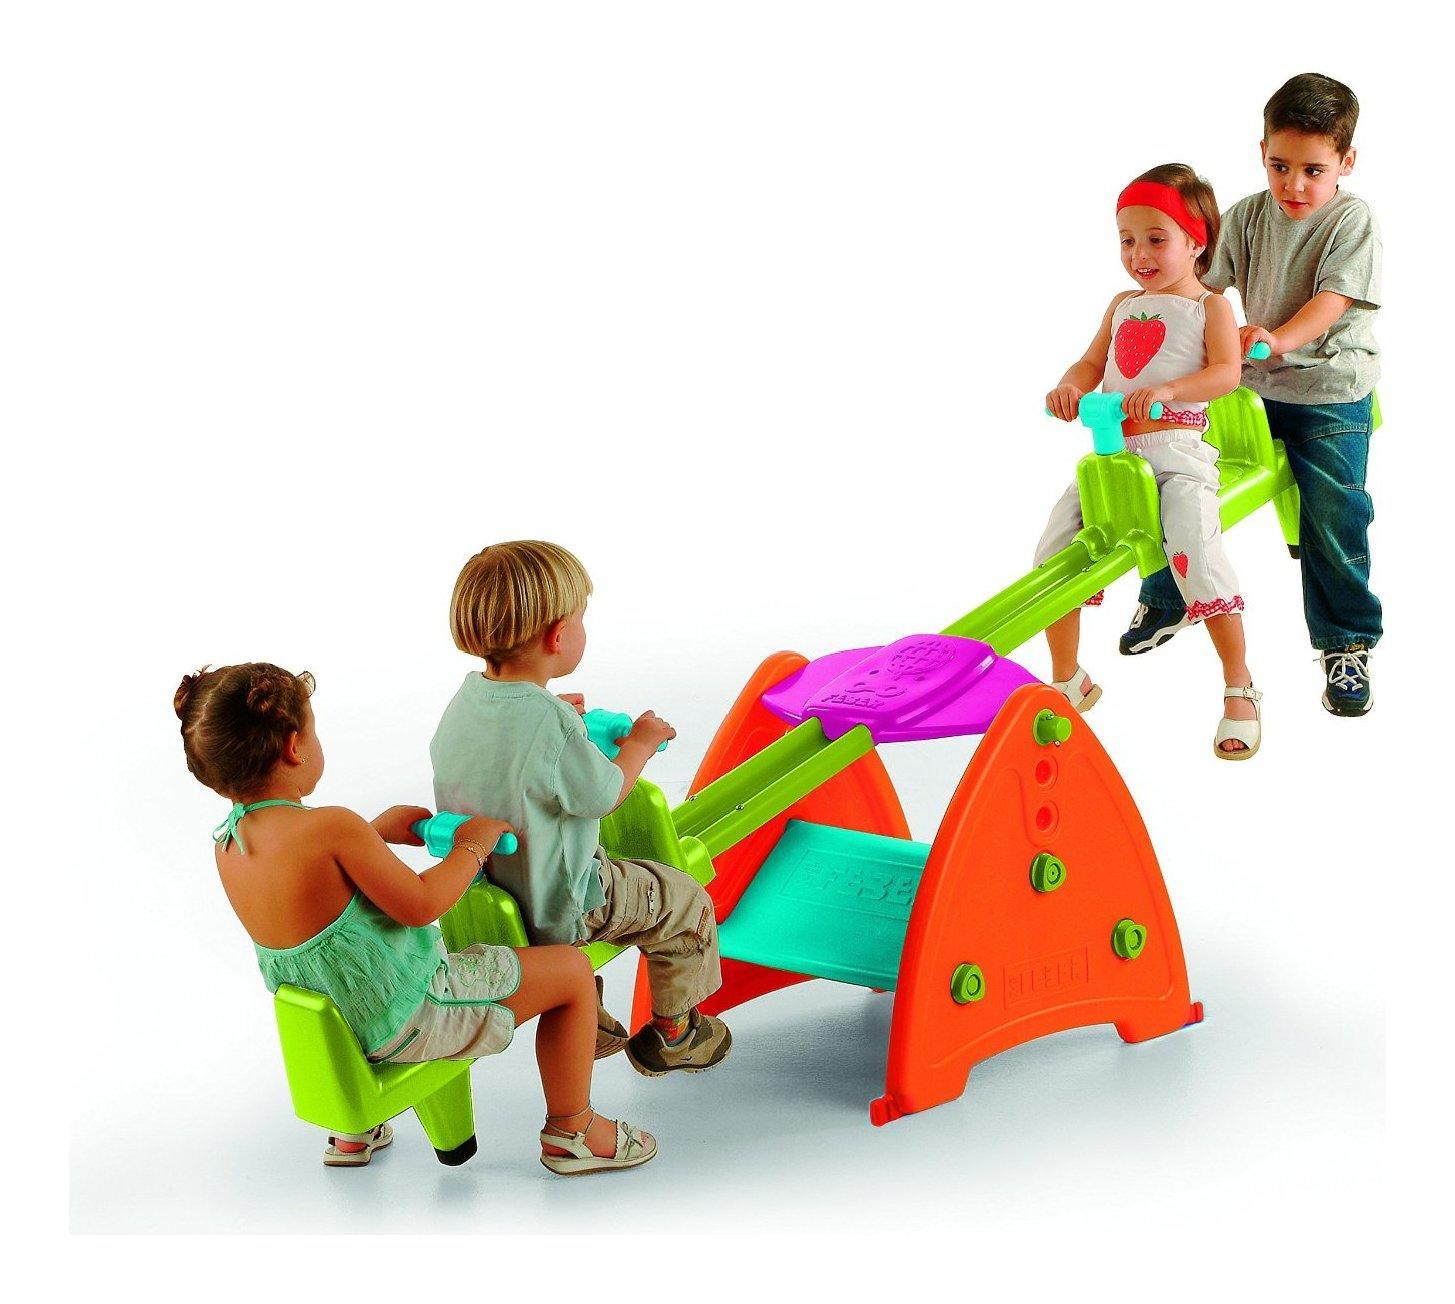 Altalena dondolo doppio da giardino per bambini 2 2 famosa - Altalene bambini per esterno ...